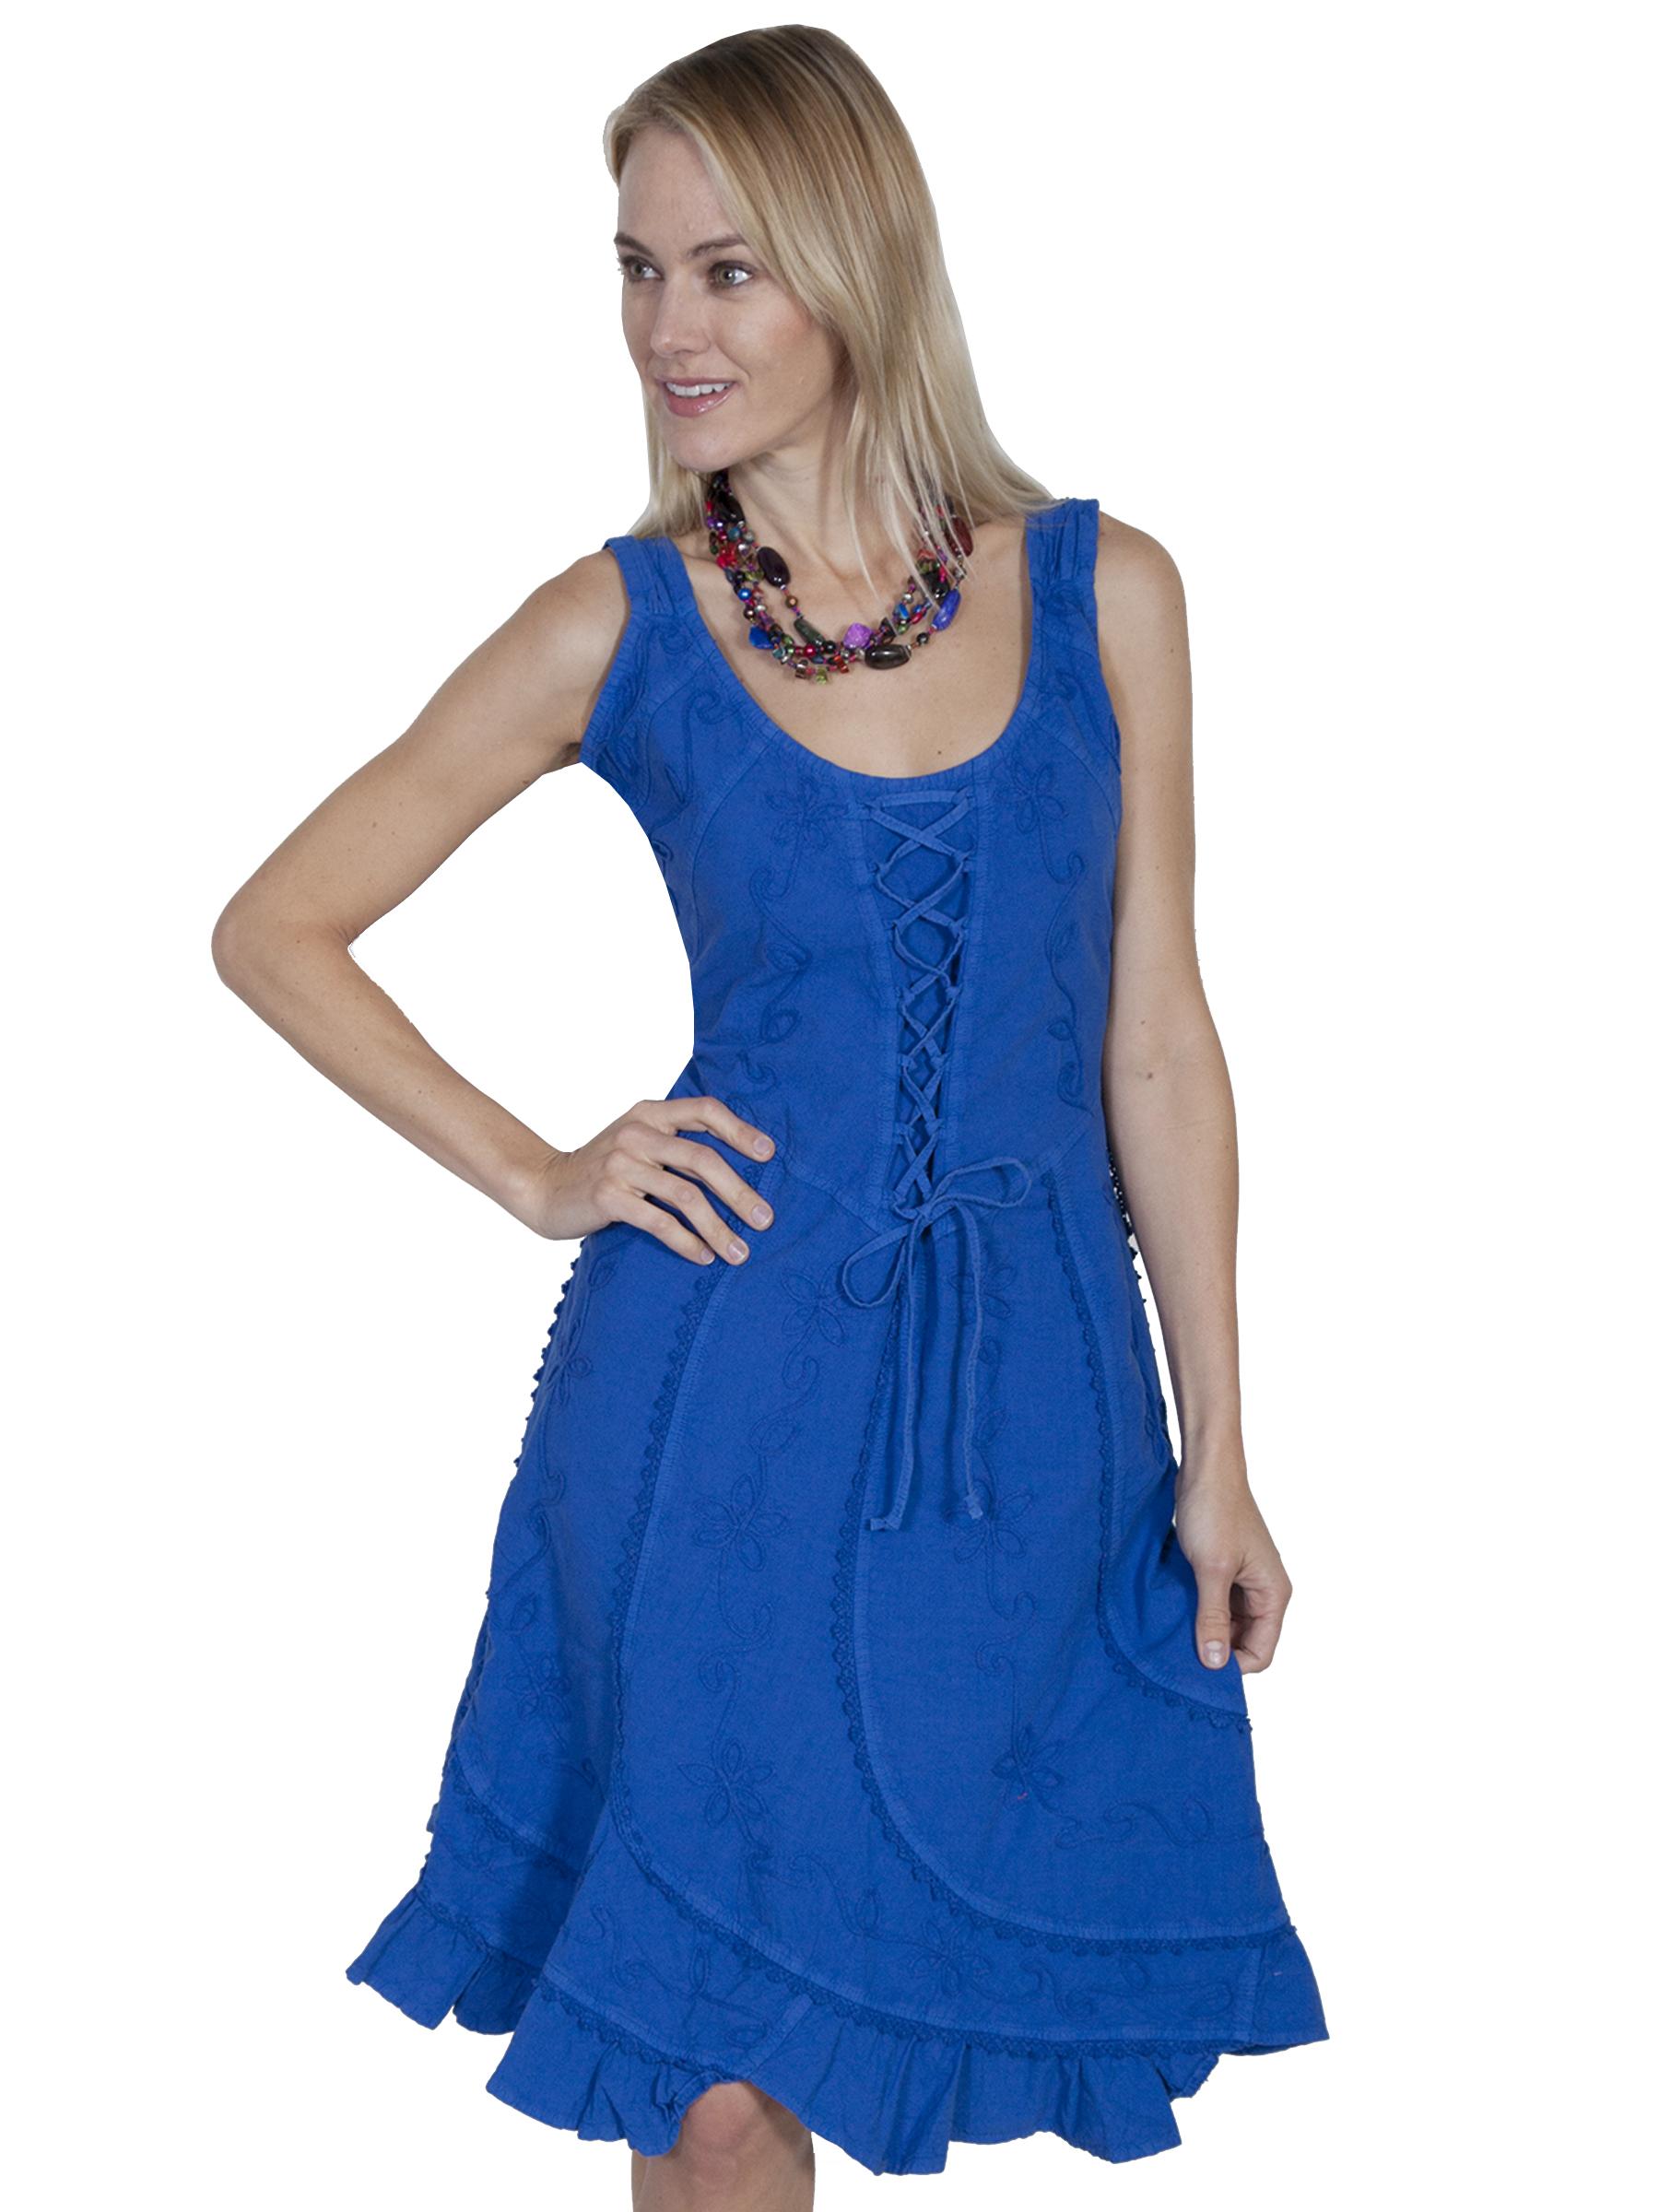 Sleeveless dress 100% peruvian cotton